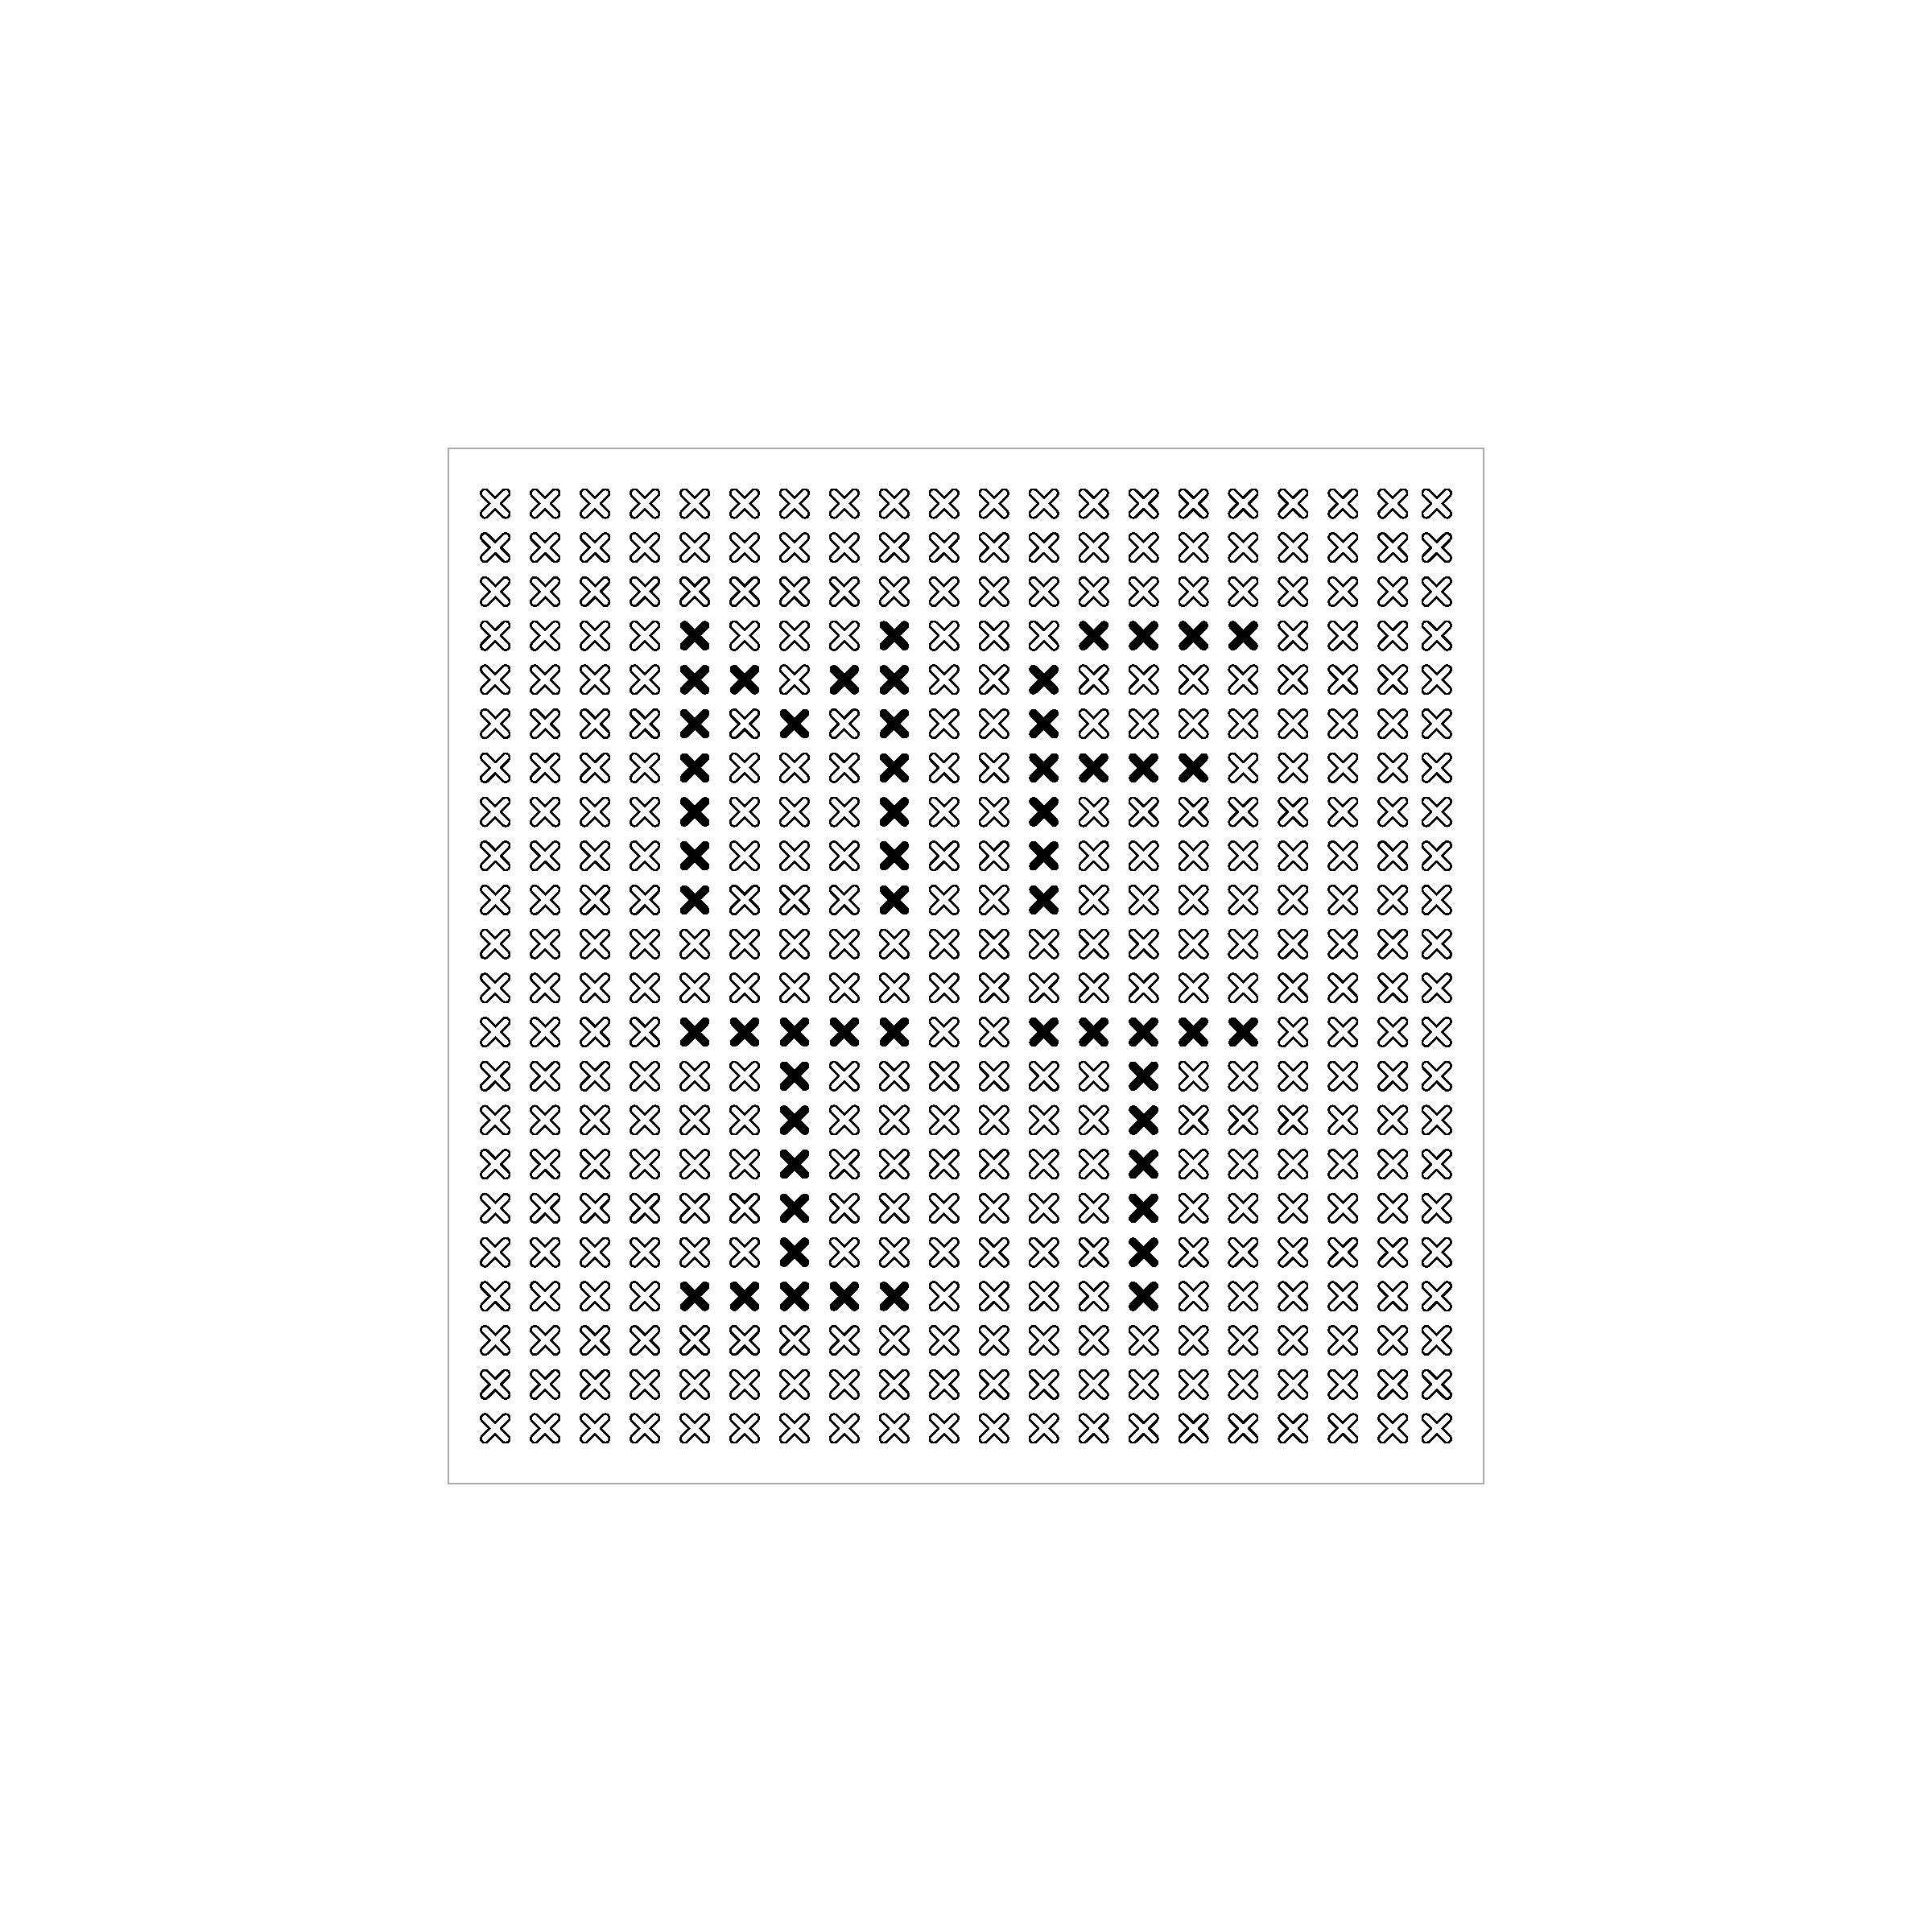 wk 12 logos-12.png